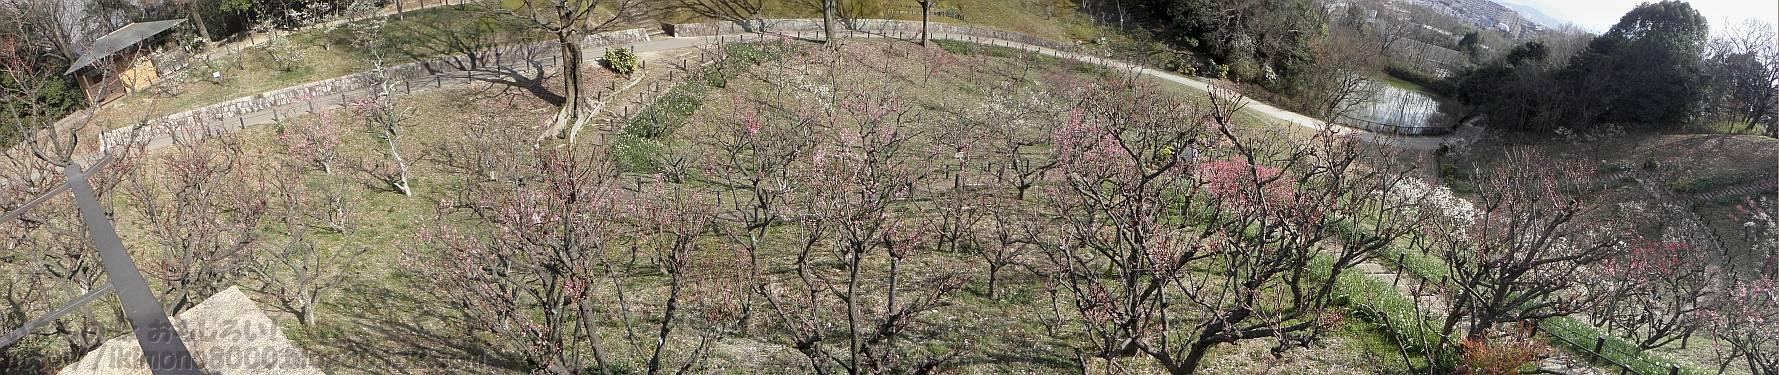 休憩所から見た錦織公園の梅園